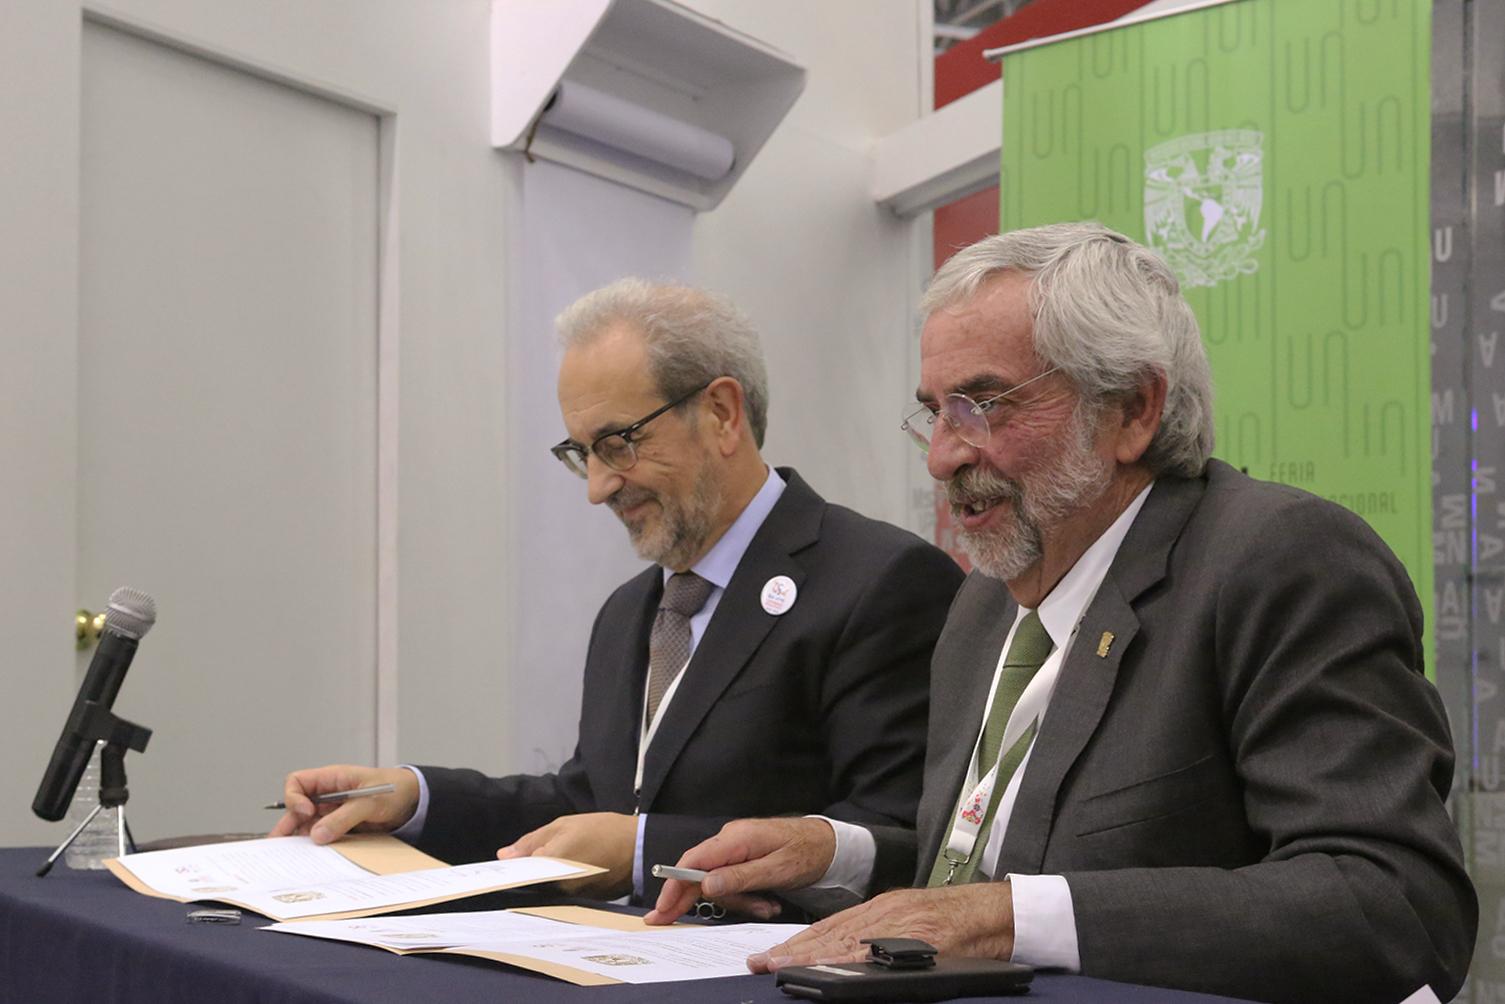 La USAL y la UNAM crearán una cátedra conjunta para el estudio de las relaciones entre México y España